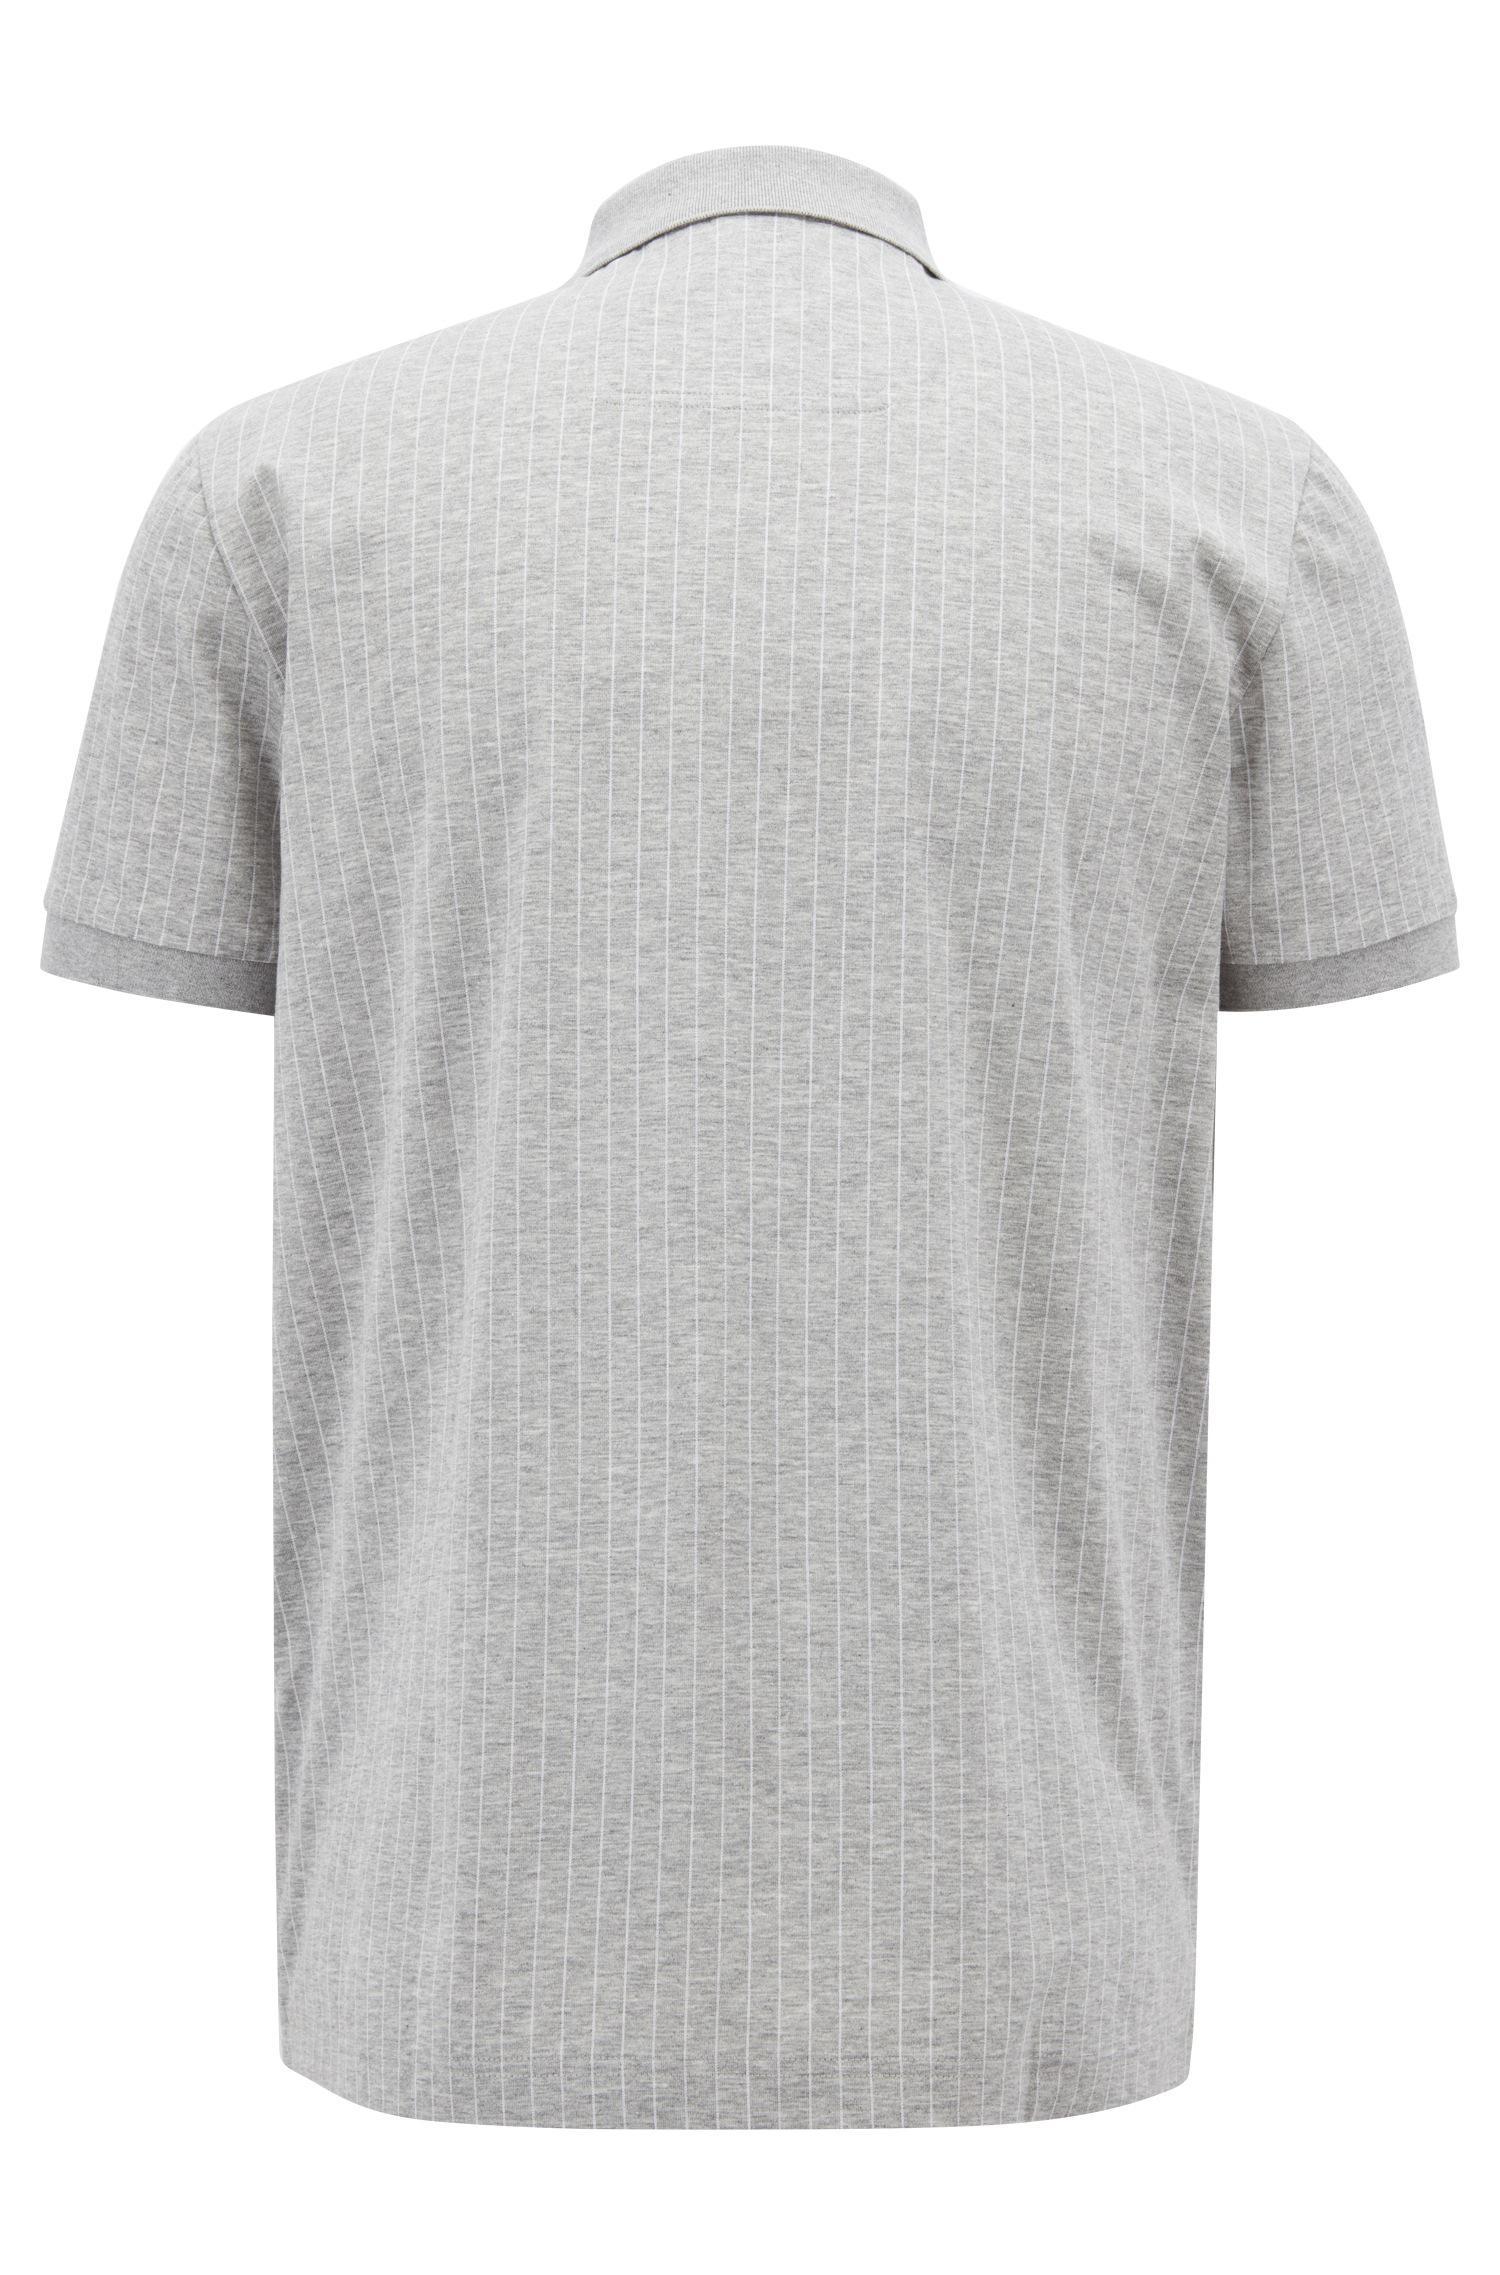 09b6b4ef Lyst - BOSS Regular-fit Pinstripe Polo Shirt In Mercerized Cotton in ...